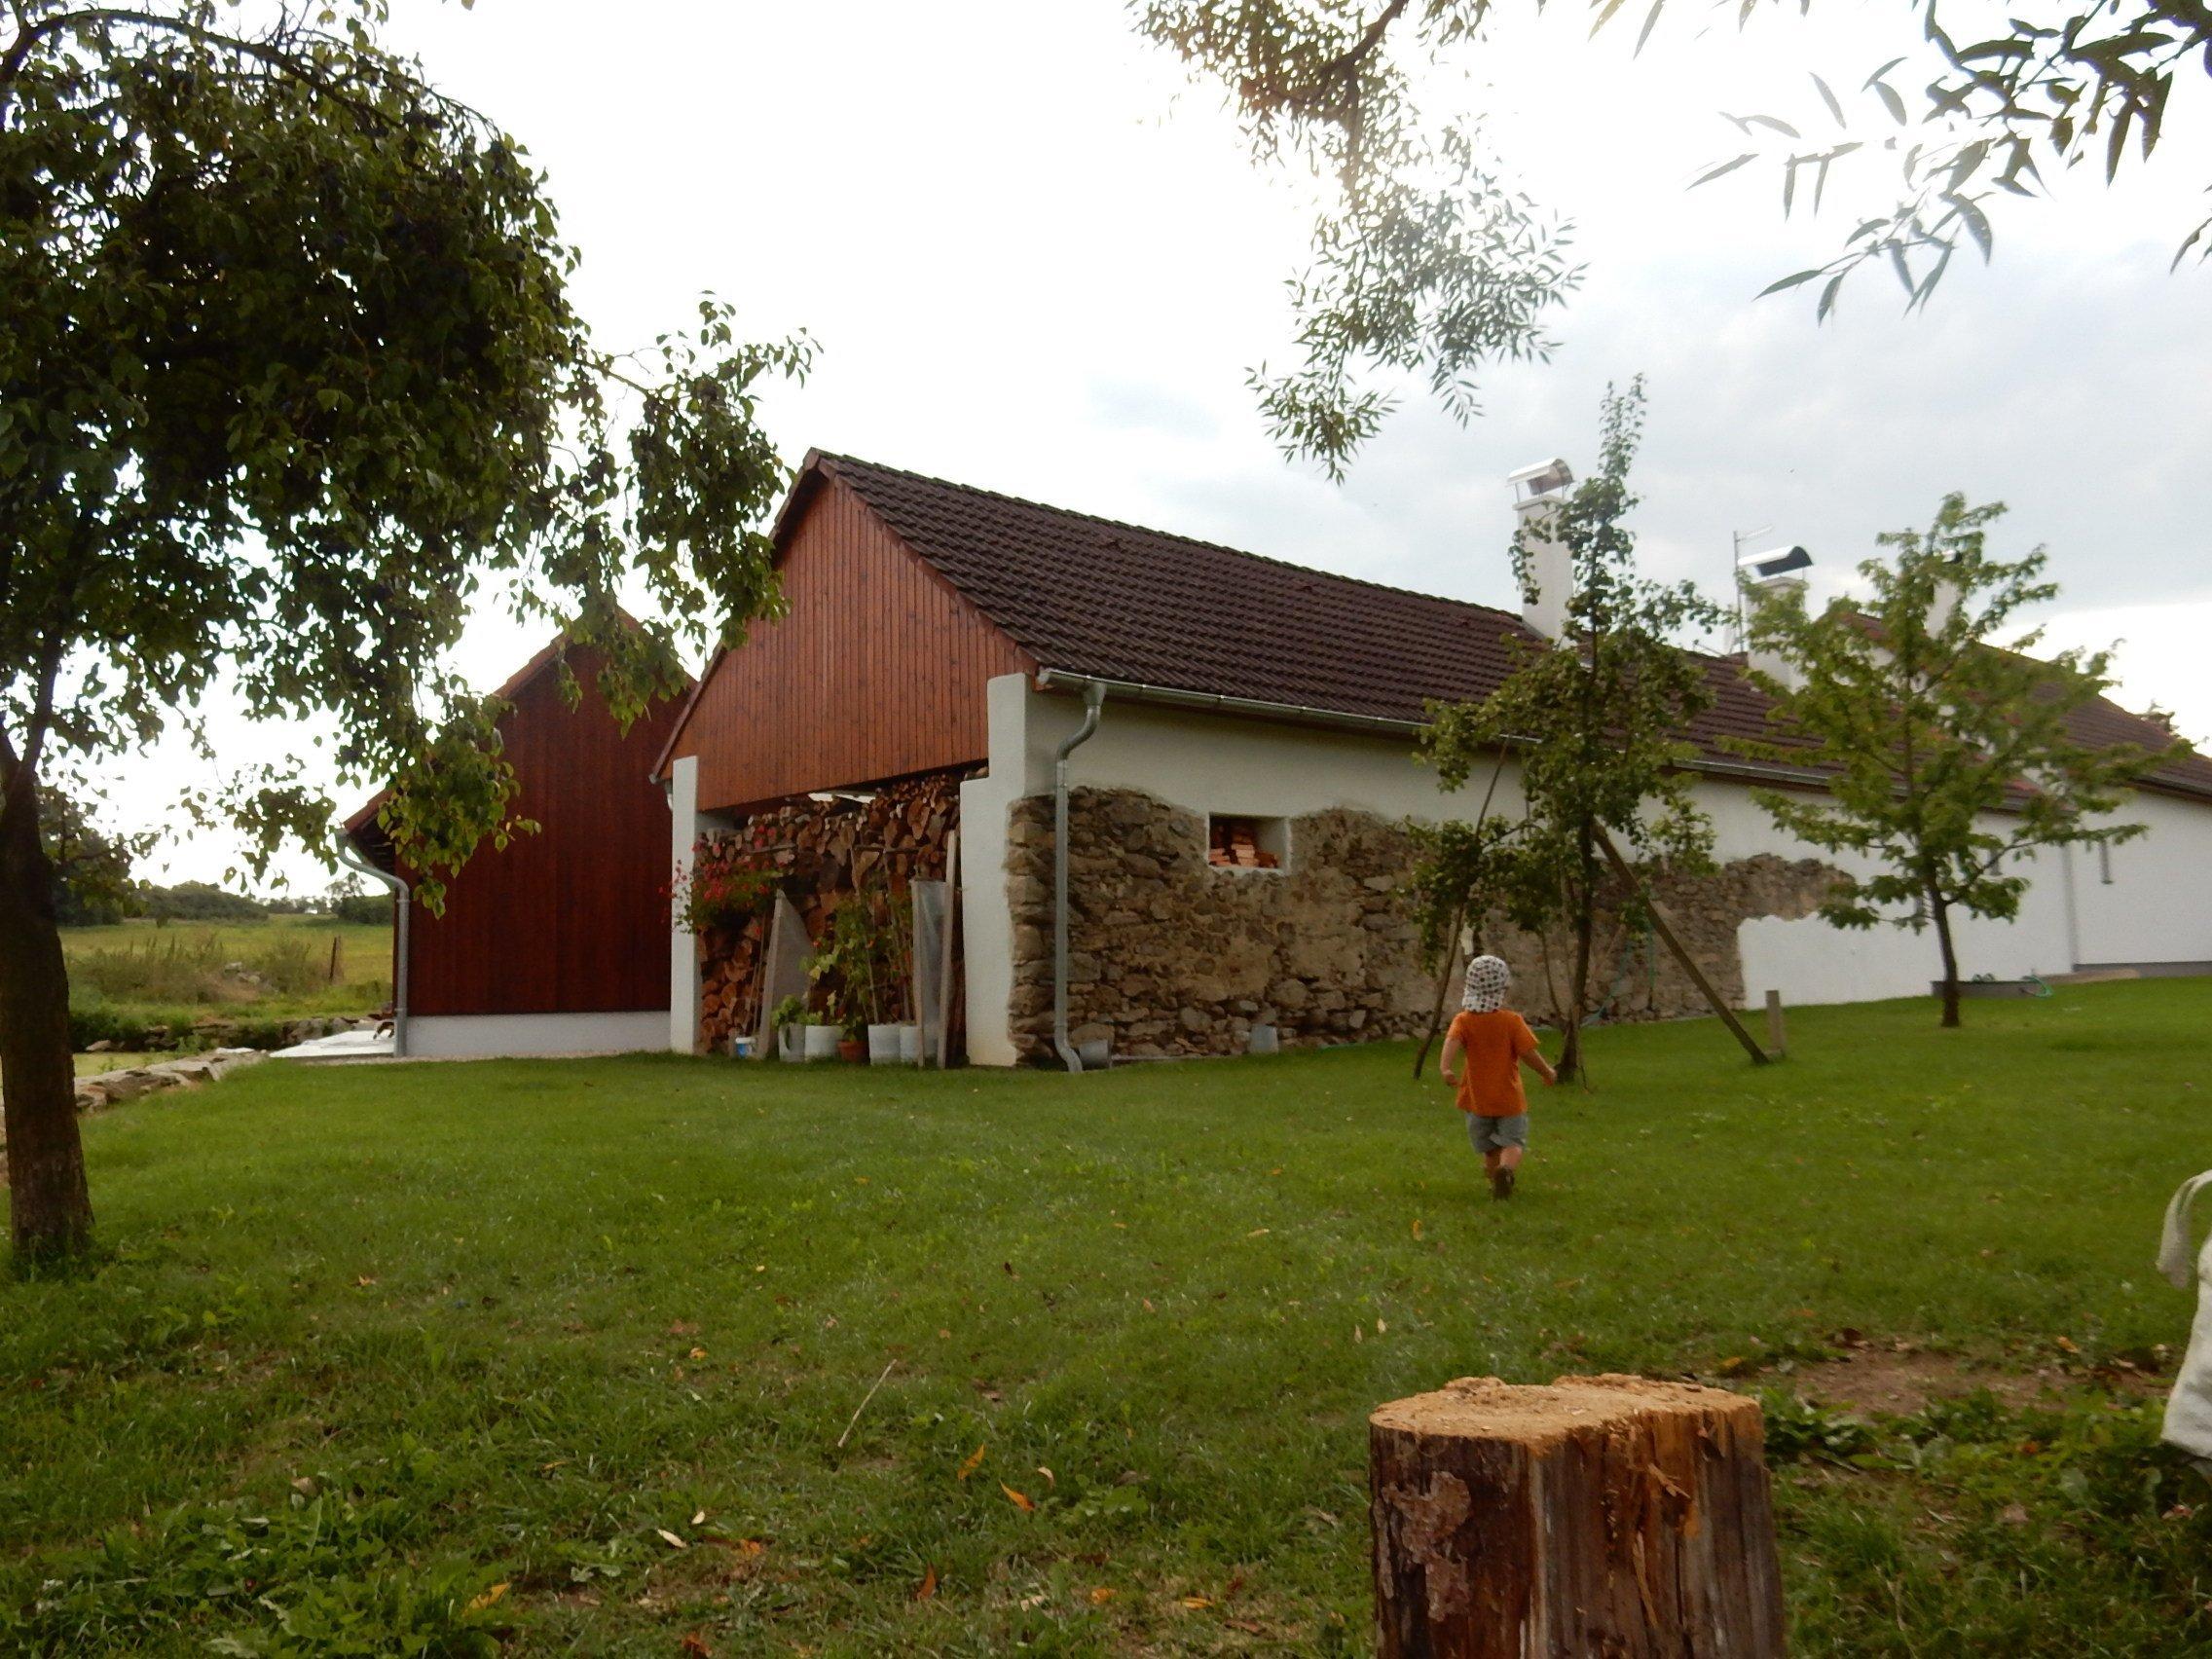 Stavební úpravy rodinného domu u Písku zahrnovaly v prvé řadě návrh v podobě architektonické studie, projektu, demoliční práce následované samotnou výstavbou.…